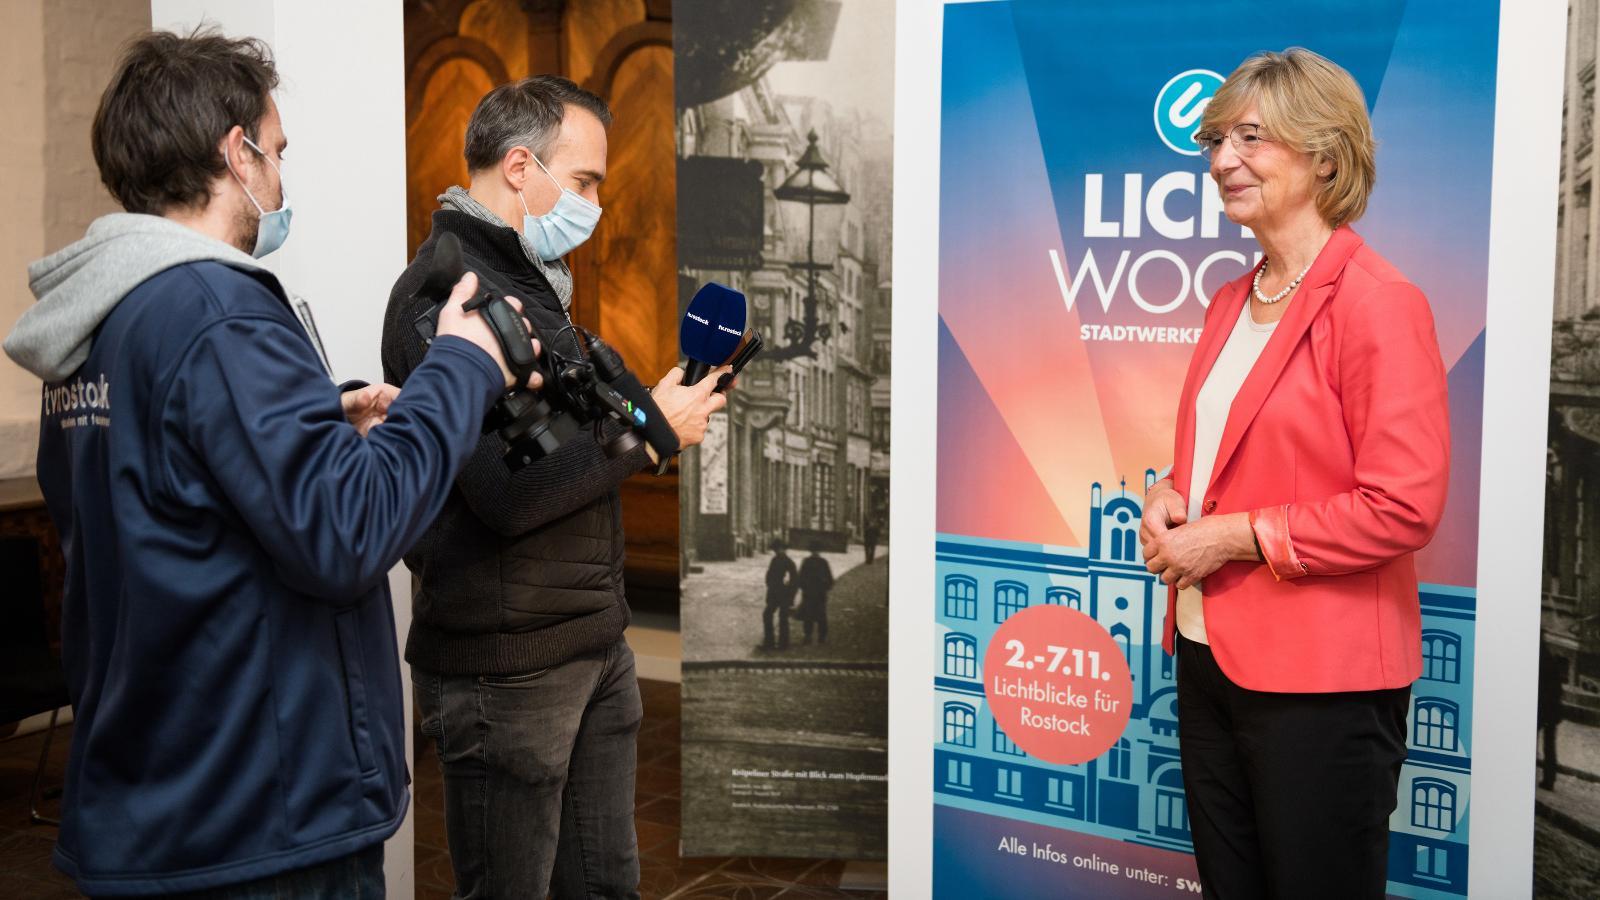 Ute Römer, Vorstand der Stadtwerke Rostock, präsentiert das neue Konzept zur Lichtwoche 2020. Foto: Margit Wild.